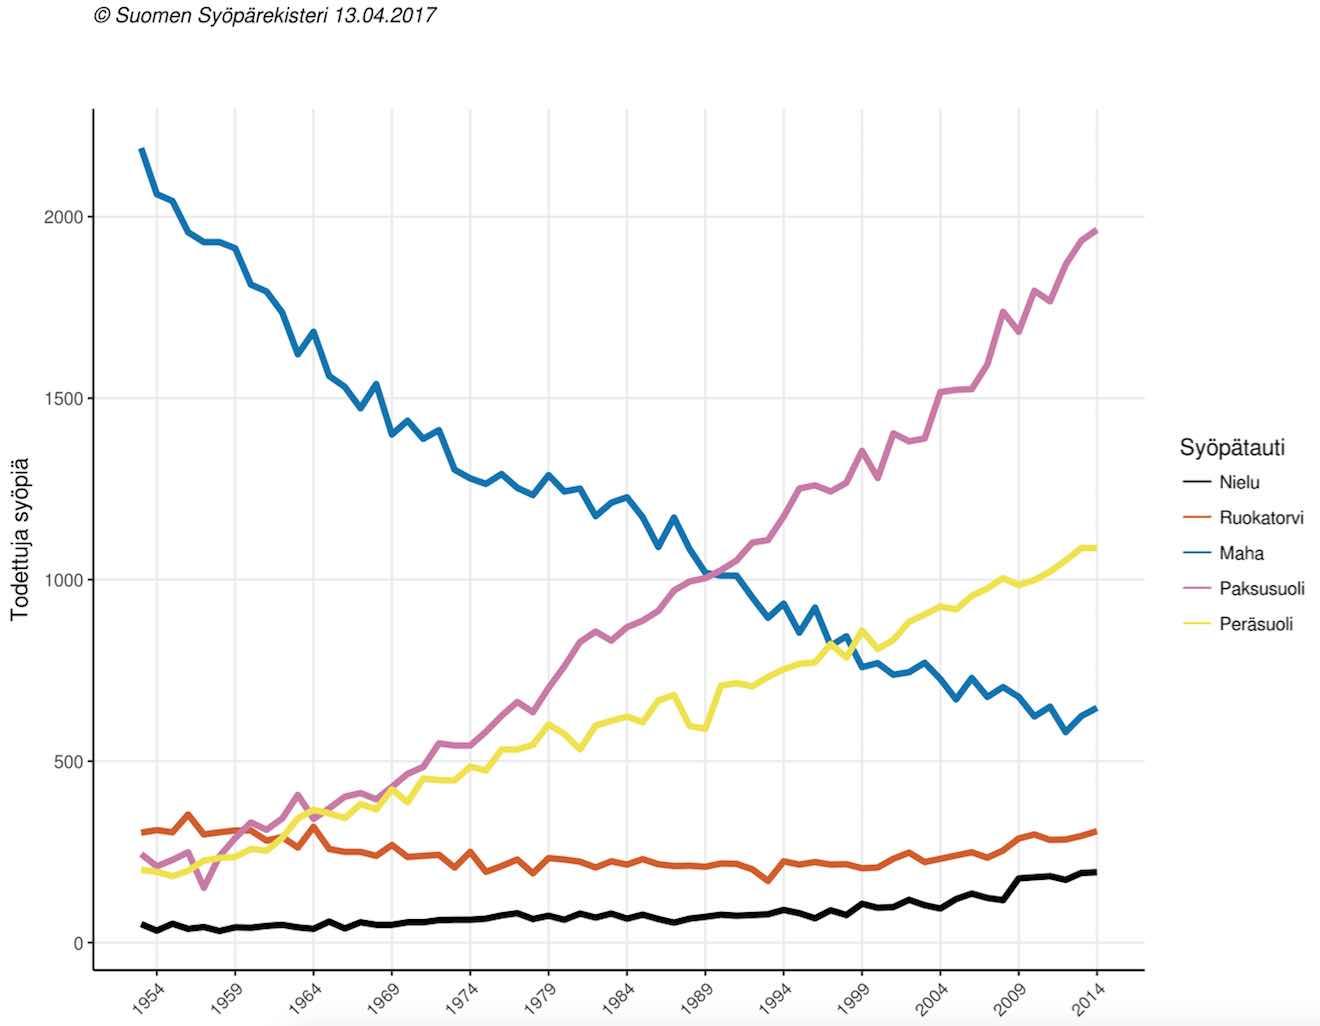 yleisimmät syöpäsairaudet suomessa